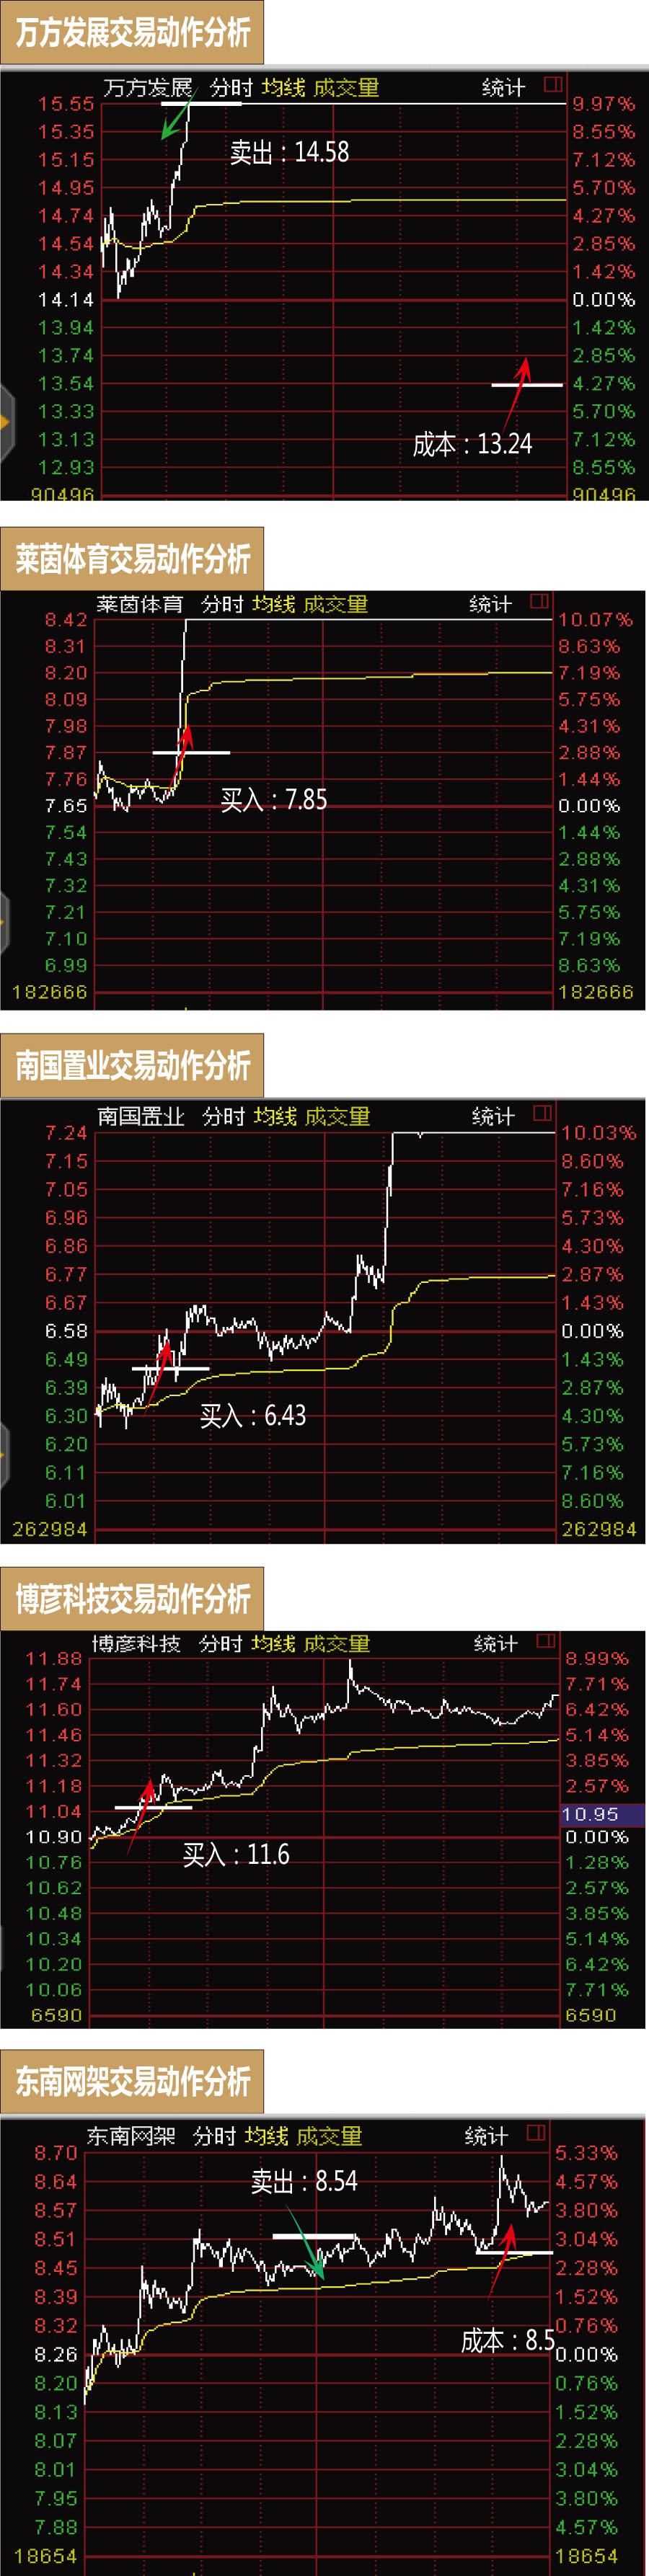 高手日志:收获3涨停喜迎大丰收 重仓潜伏腾讯+填权概念股